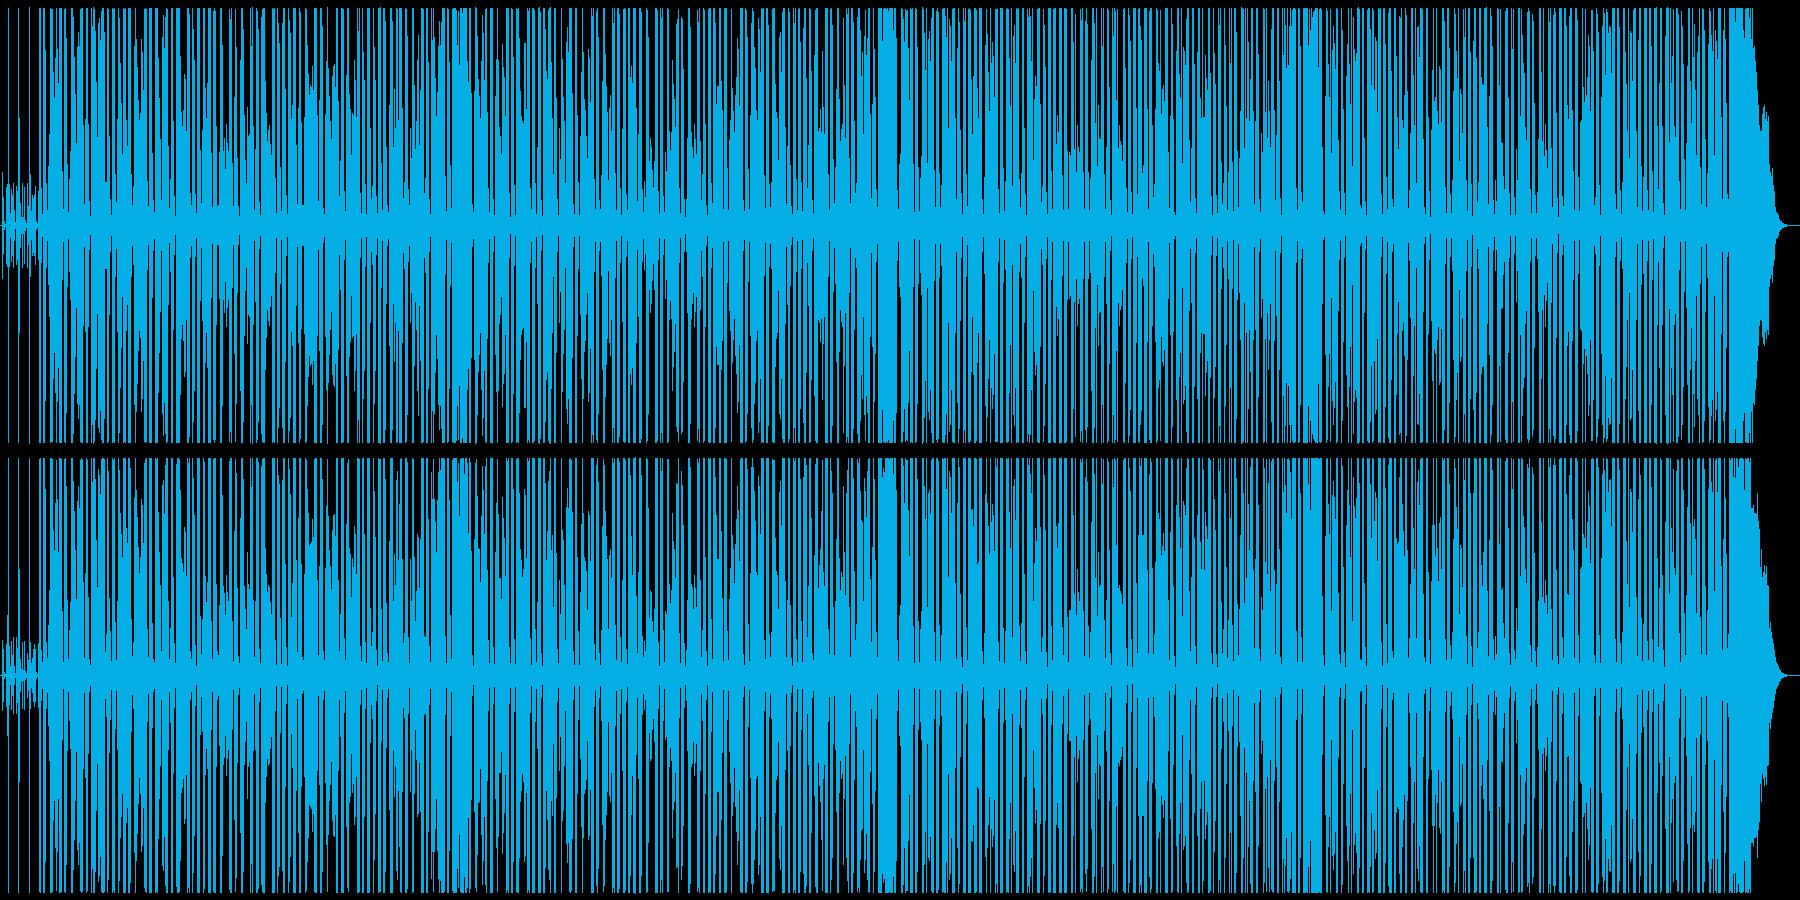 陽気・軽快 テキサス系アコギブルースの再生済みの波形